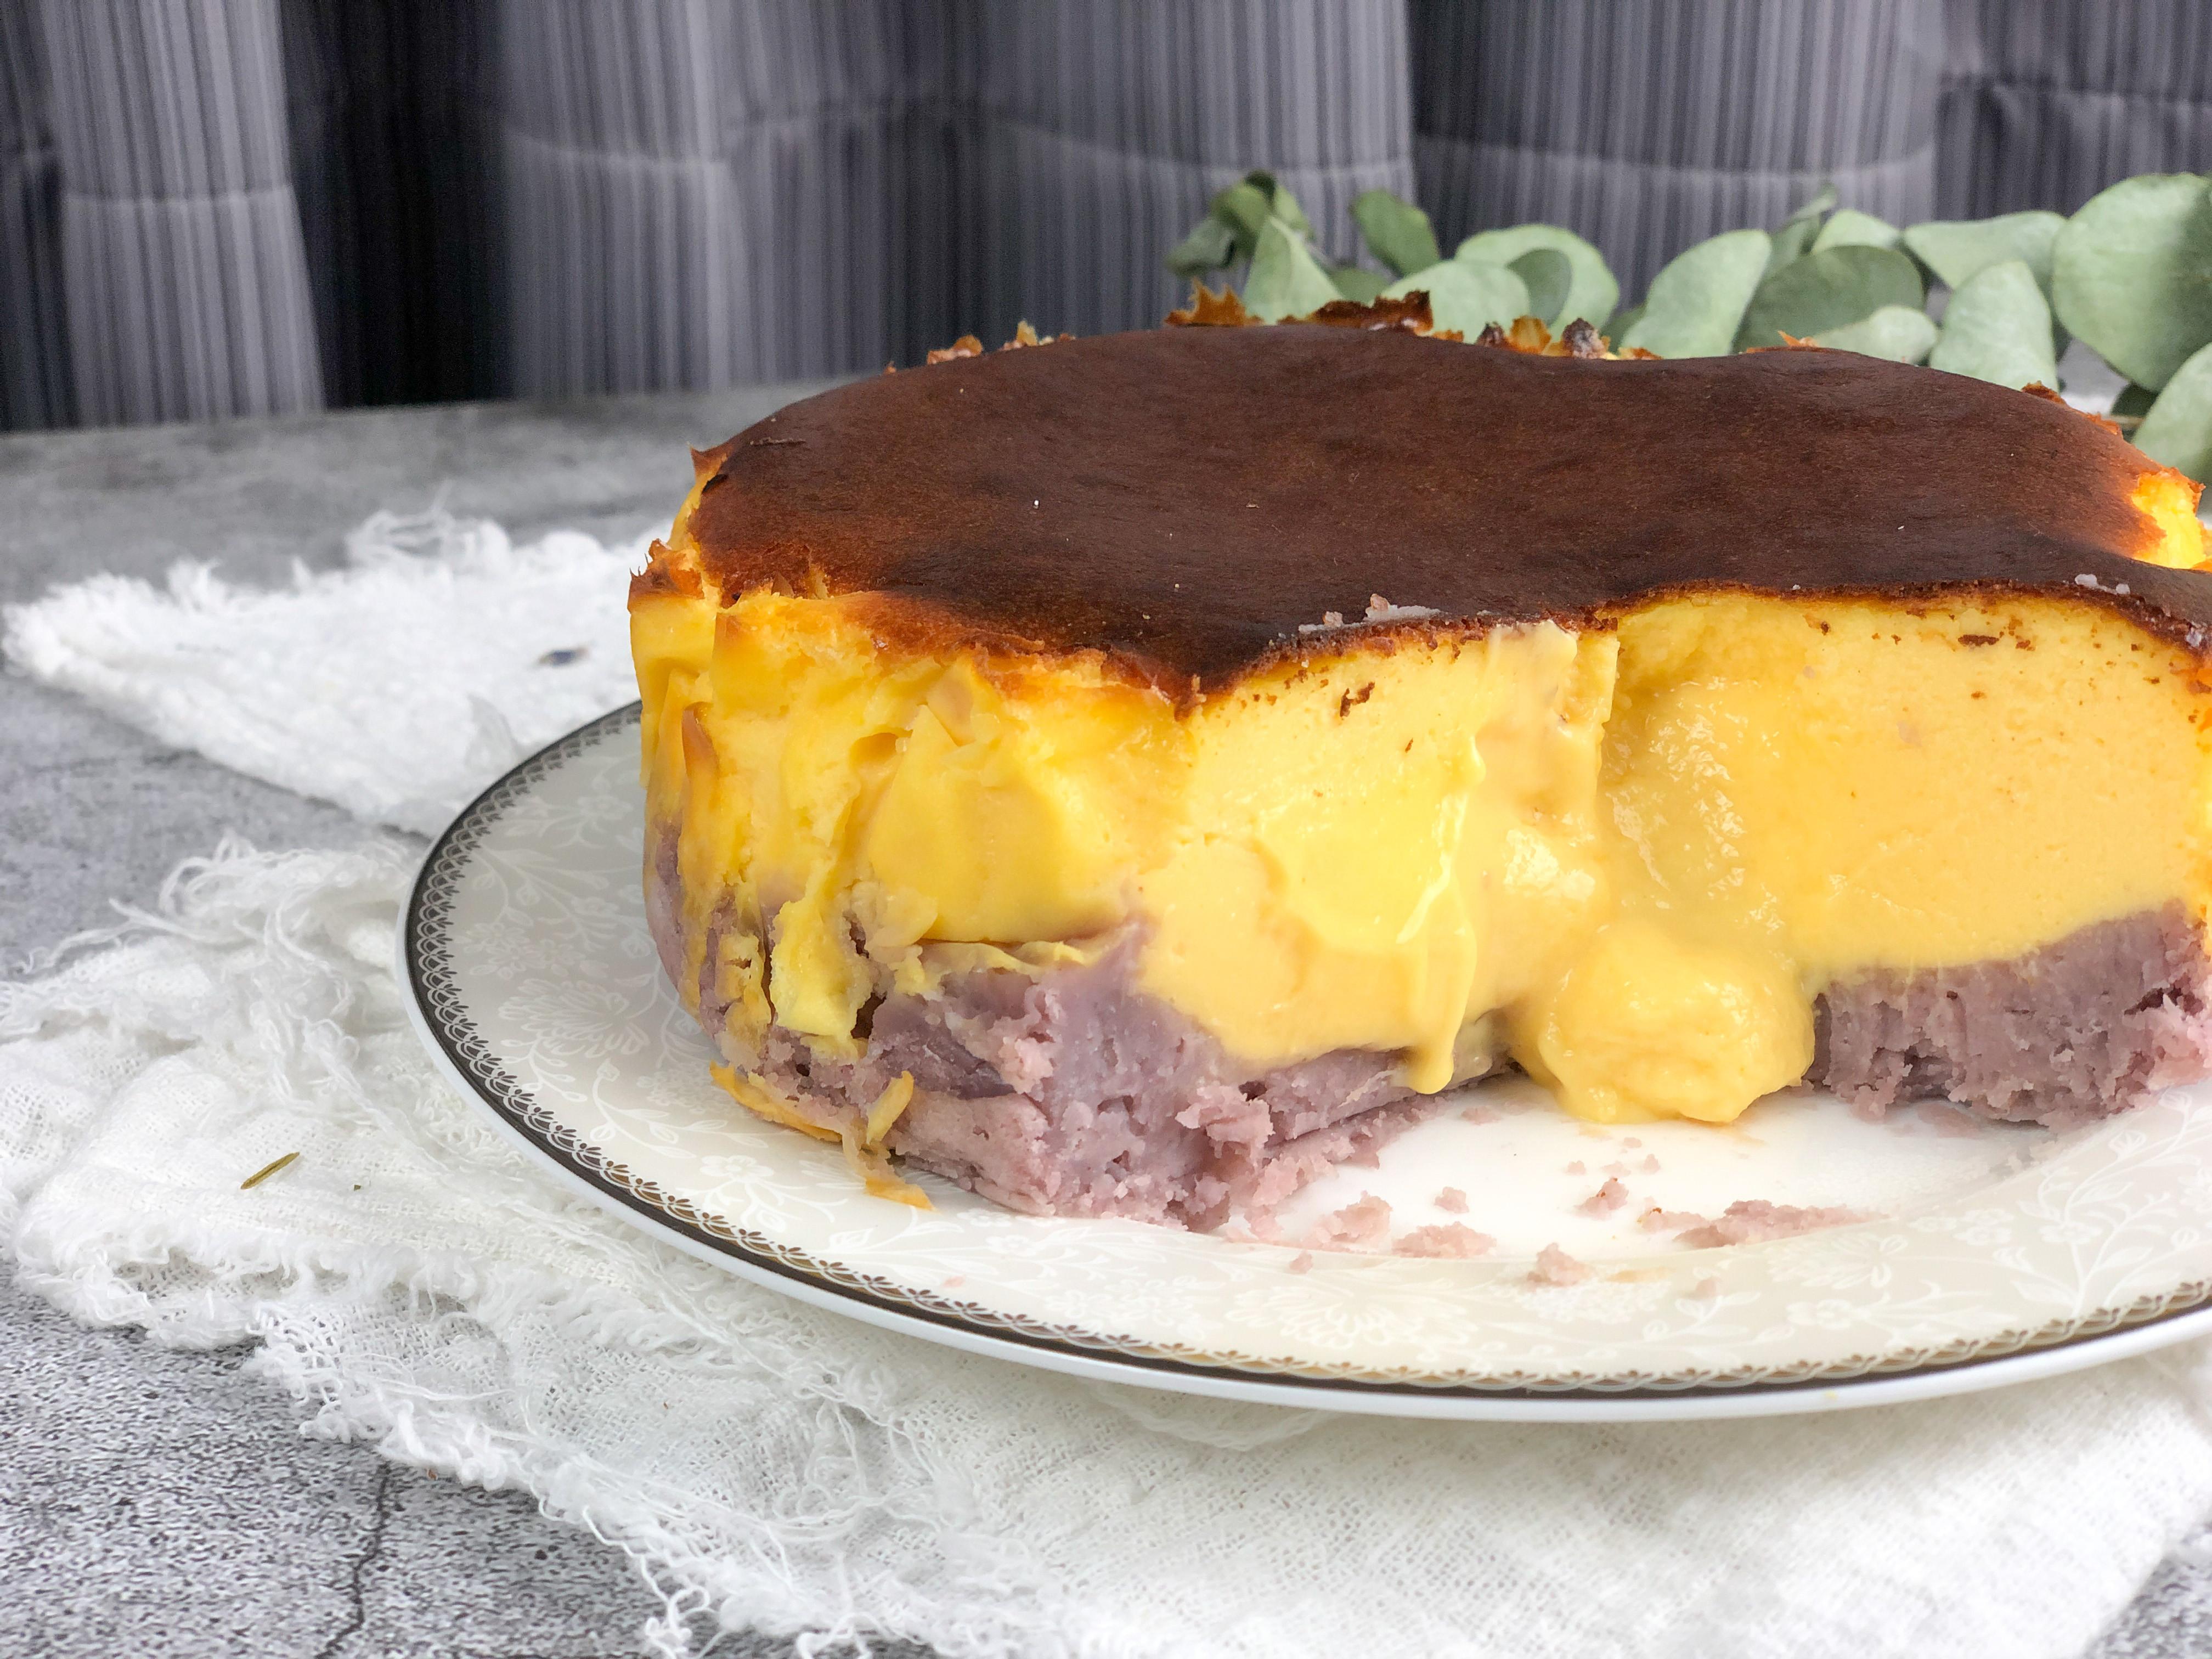 芋頭巴斯克乳酪蛋糕